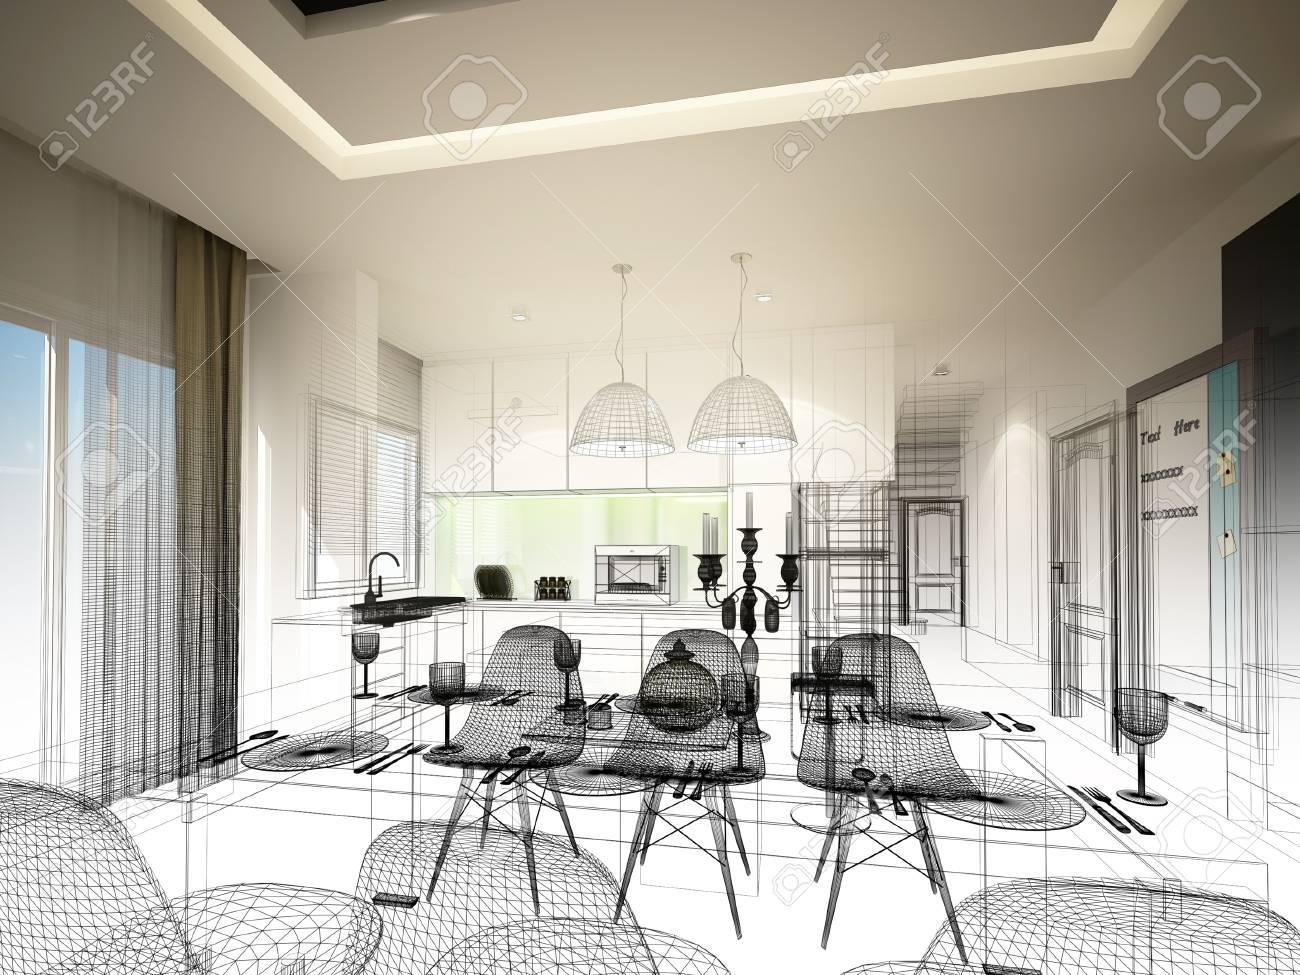 Diseño de dibujo abstracto de entre comedor y cocina, 3d